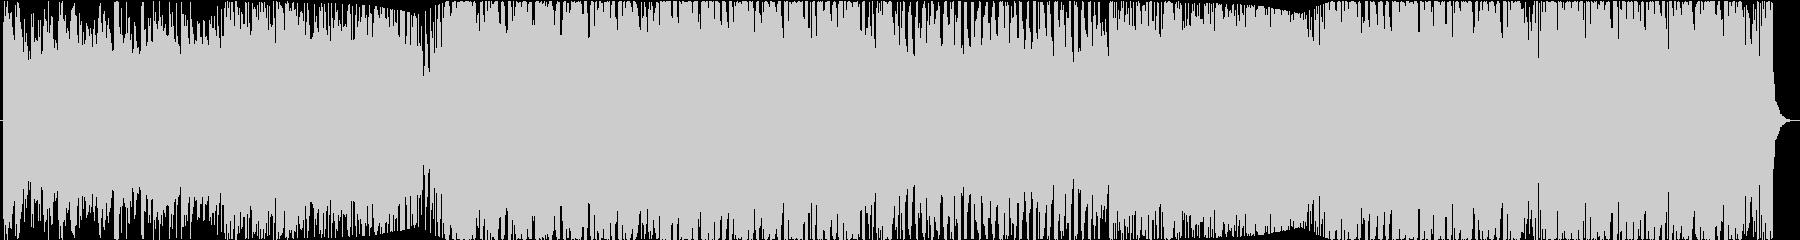 展開のあるポップで跳ねるようなEDMの未再生の波形